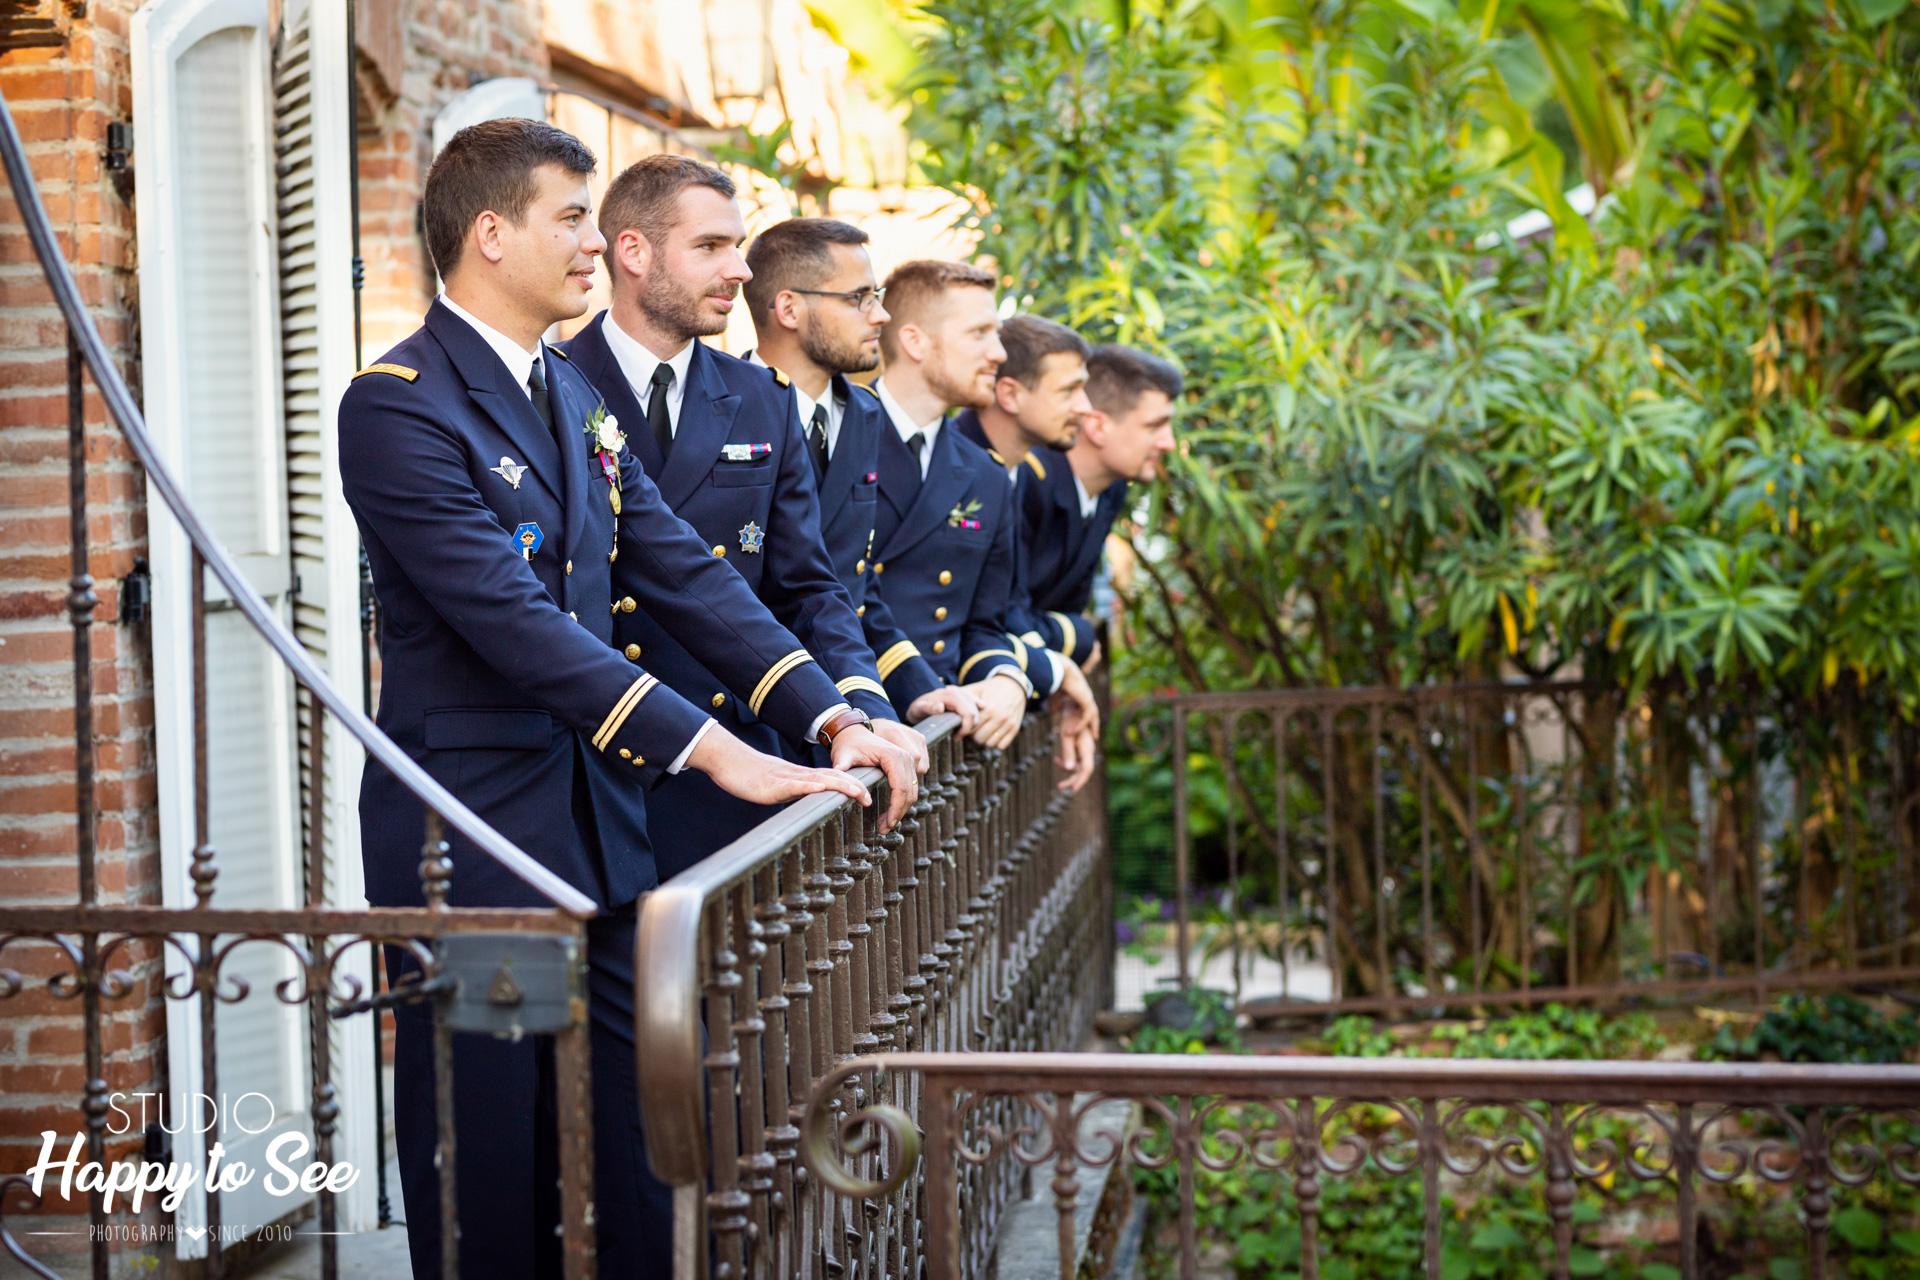 mariage en costumes militaires